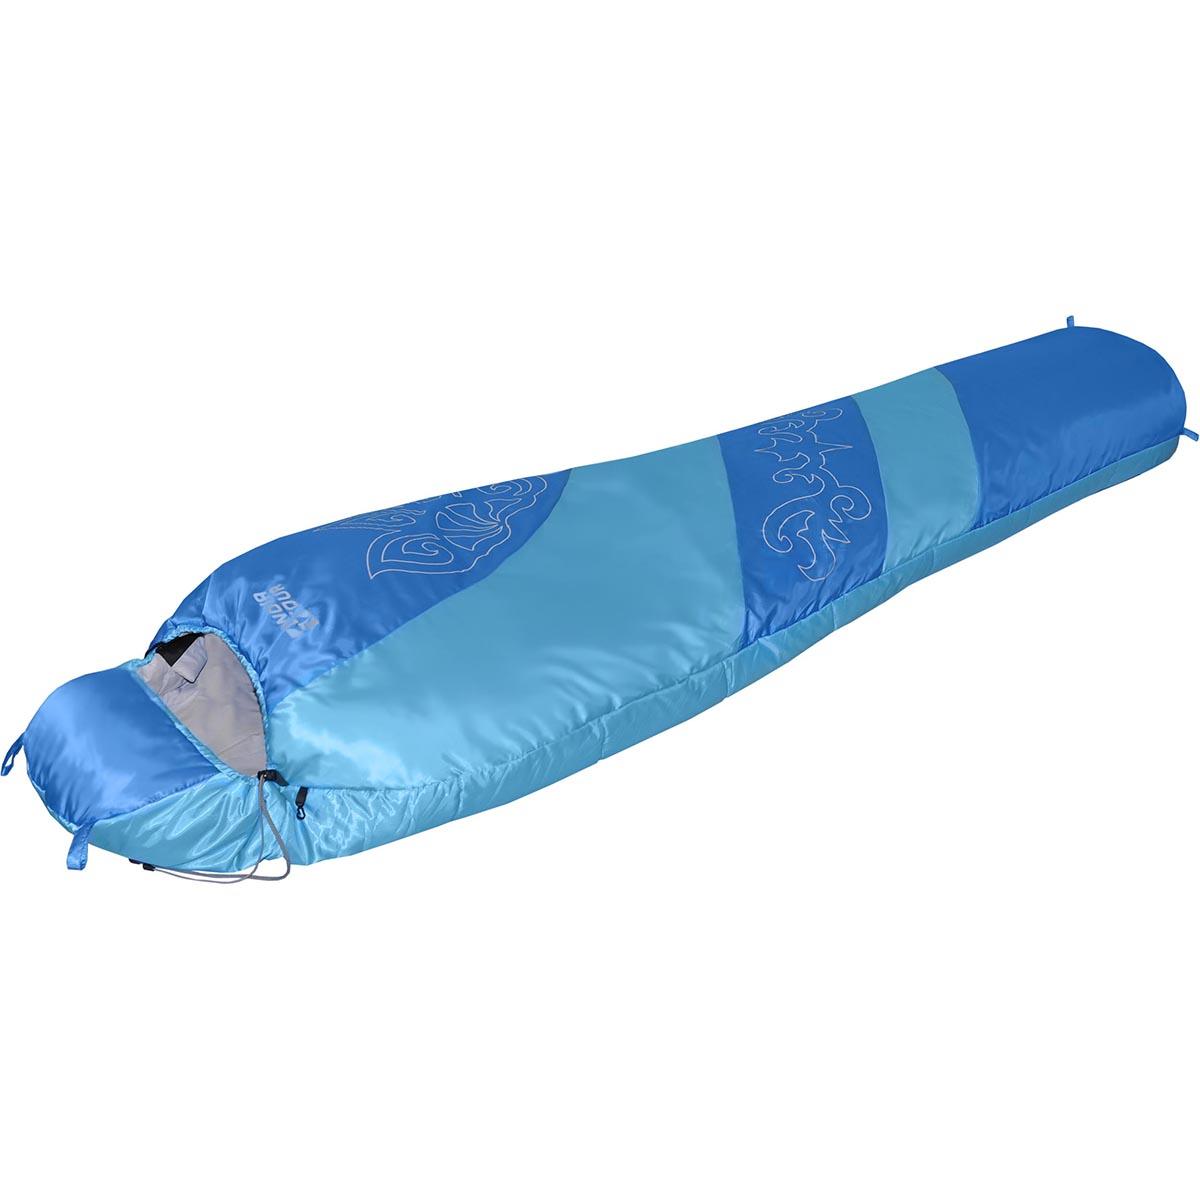 Мешок NOVA TOUR Сахалин 0 V2, цвет: голубой, синий, белый, левосторонняя молнияa026124Демисезонный спальный мешок NOVA TOUR Сахалин 0 V2 имеет конструкцию кокон. Наполнитель выполнен из синтетического наполнителя - холлофайбера. Мешок оснащен утягивающимся капюшоном и двухзамковой утепленной молнией, позволяющей состегнуть левосторонний и правосторонний спальные мешки в один двойной. Компрессионный чехол в комплекте.Компрессионный чехол в комплекте.Длина мешка: 220 см.